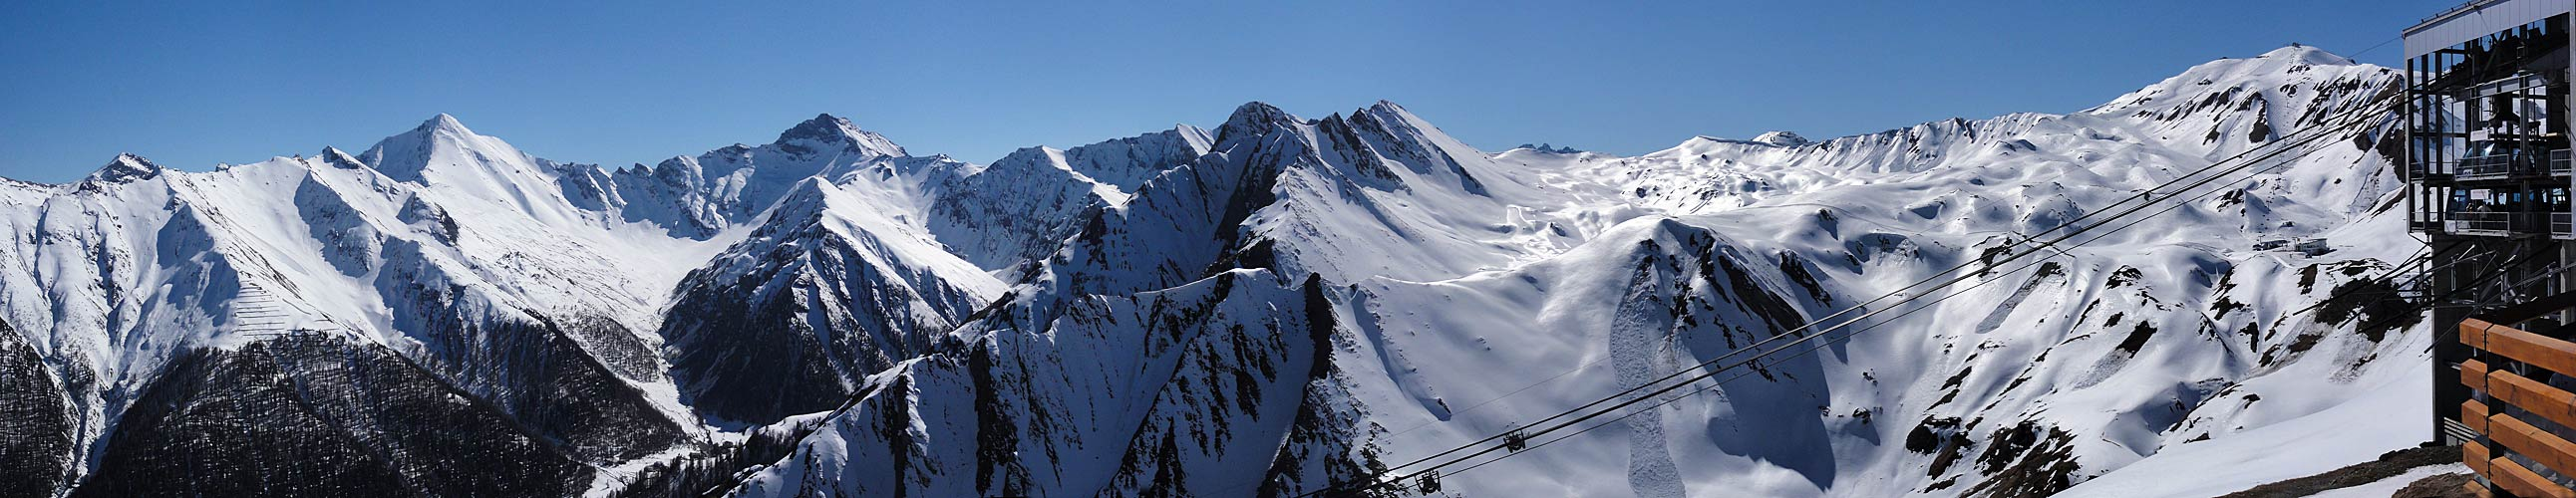 Ausklingender Skitag